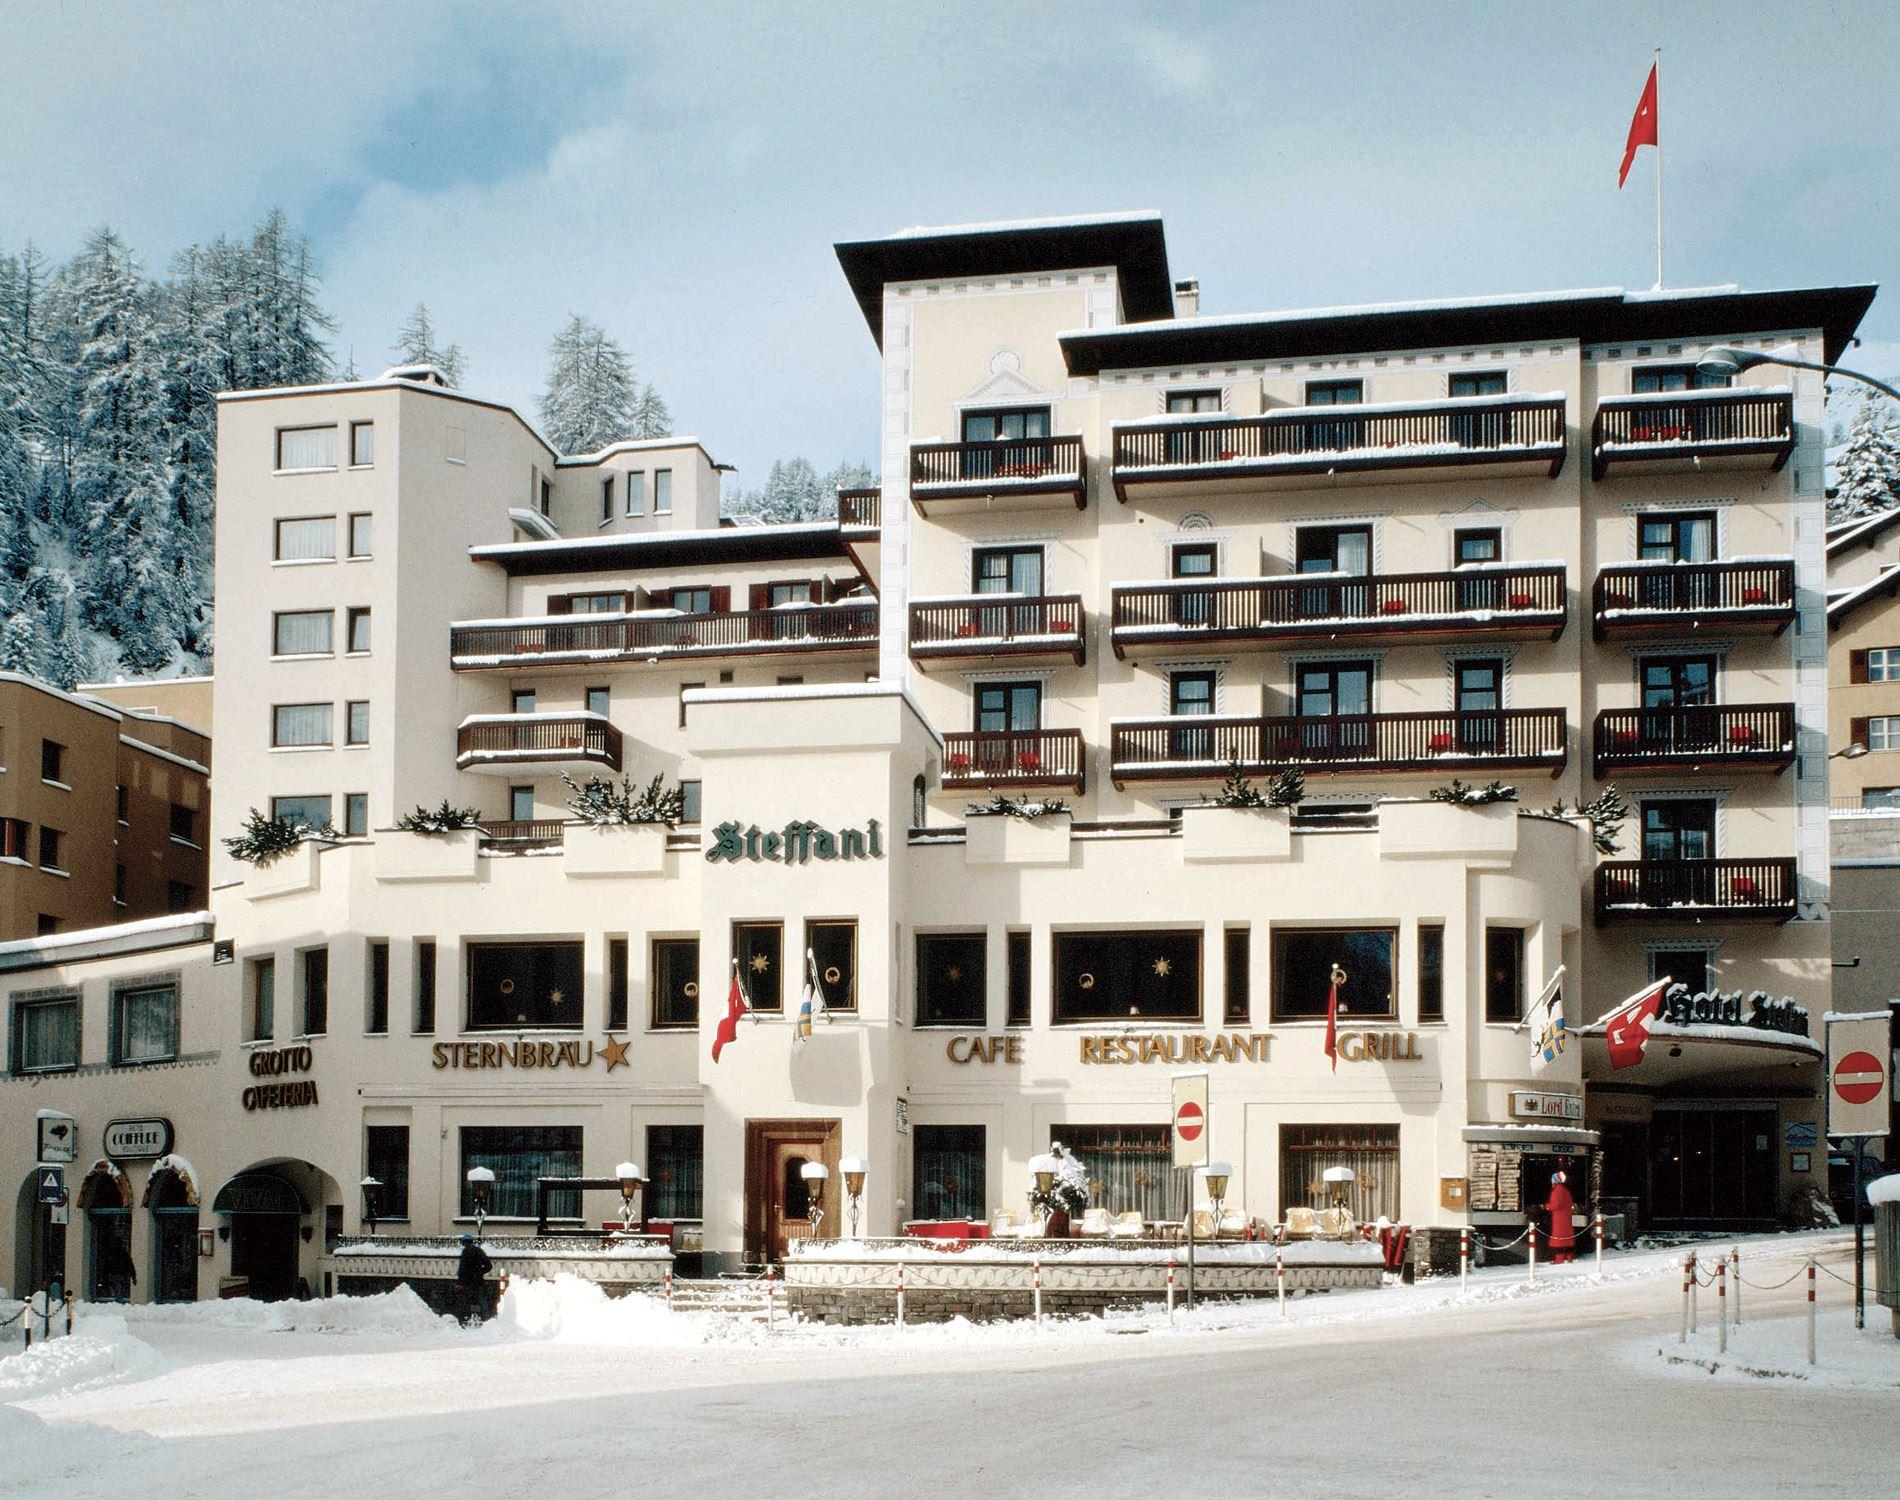 Hotel Stefani - St. Moritz